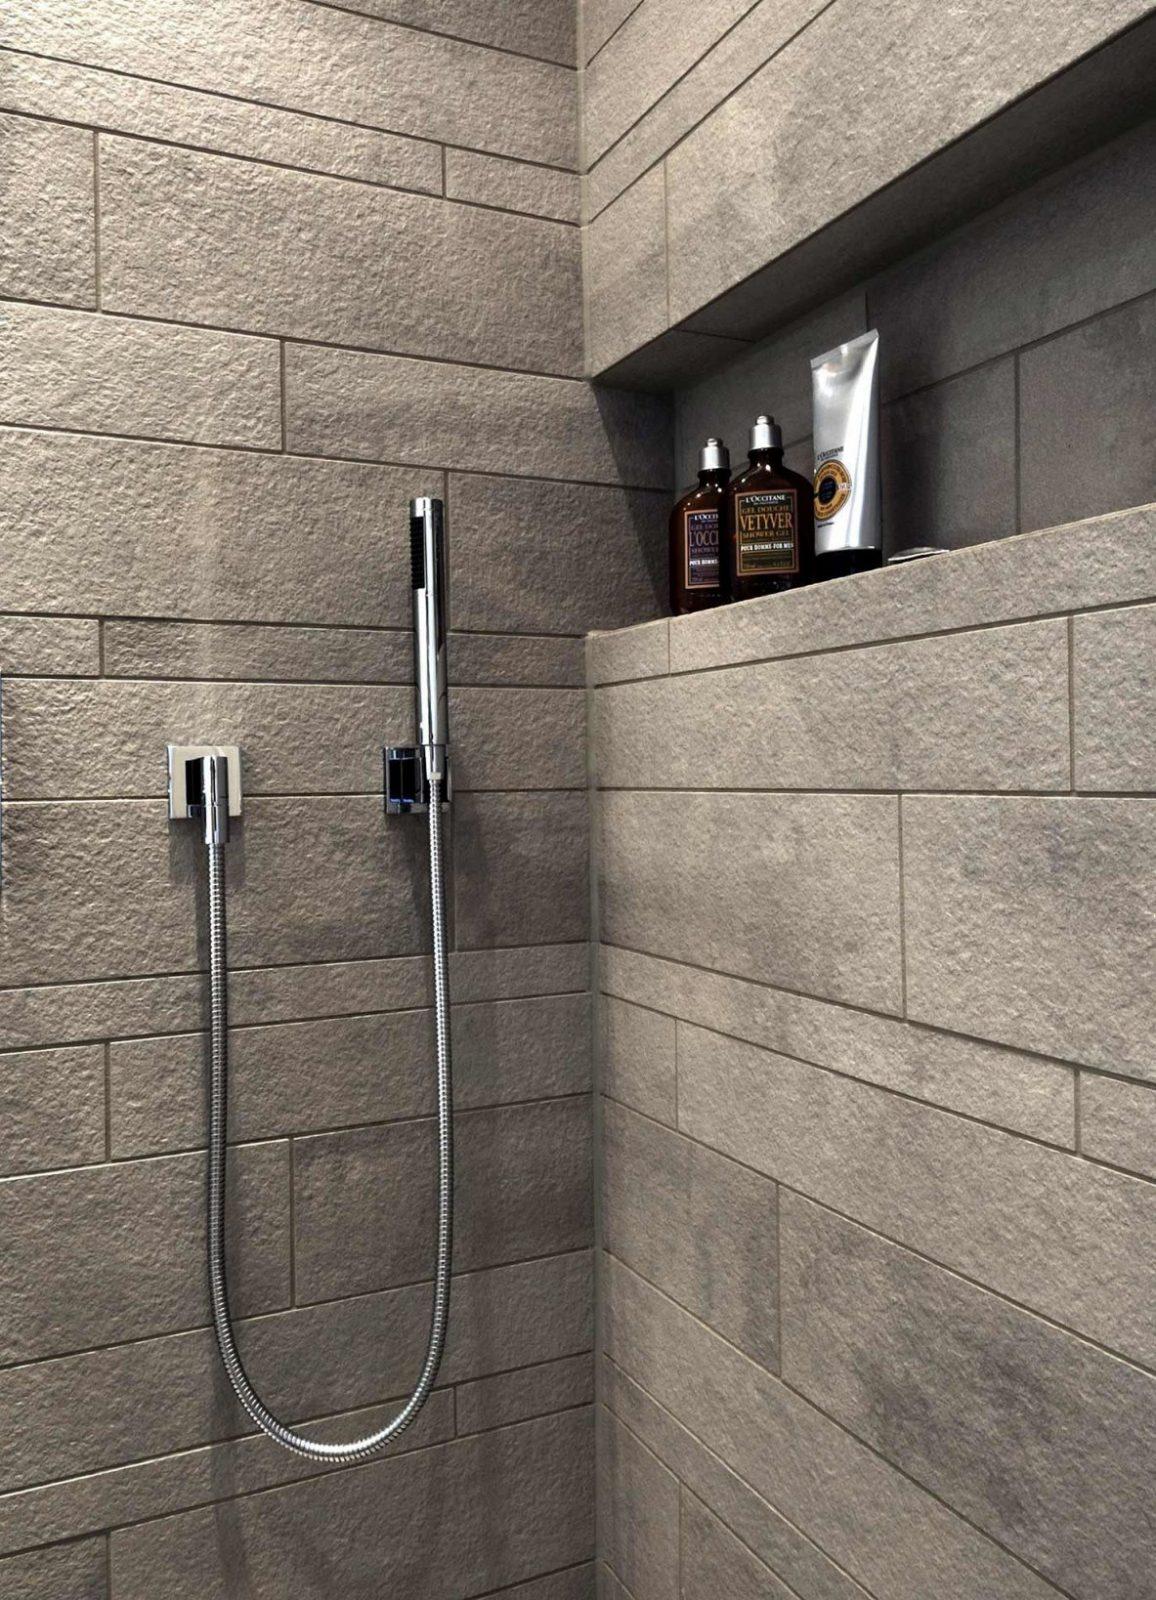 Ausschnitt Der Dusche Mit Grauen Fliesen In Steinoptik Nische Für von Fliesen In Steinoptik Für Dusche Photo